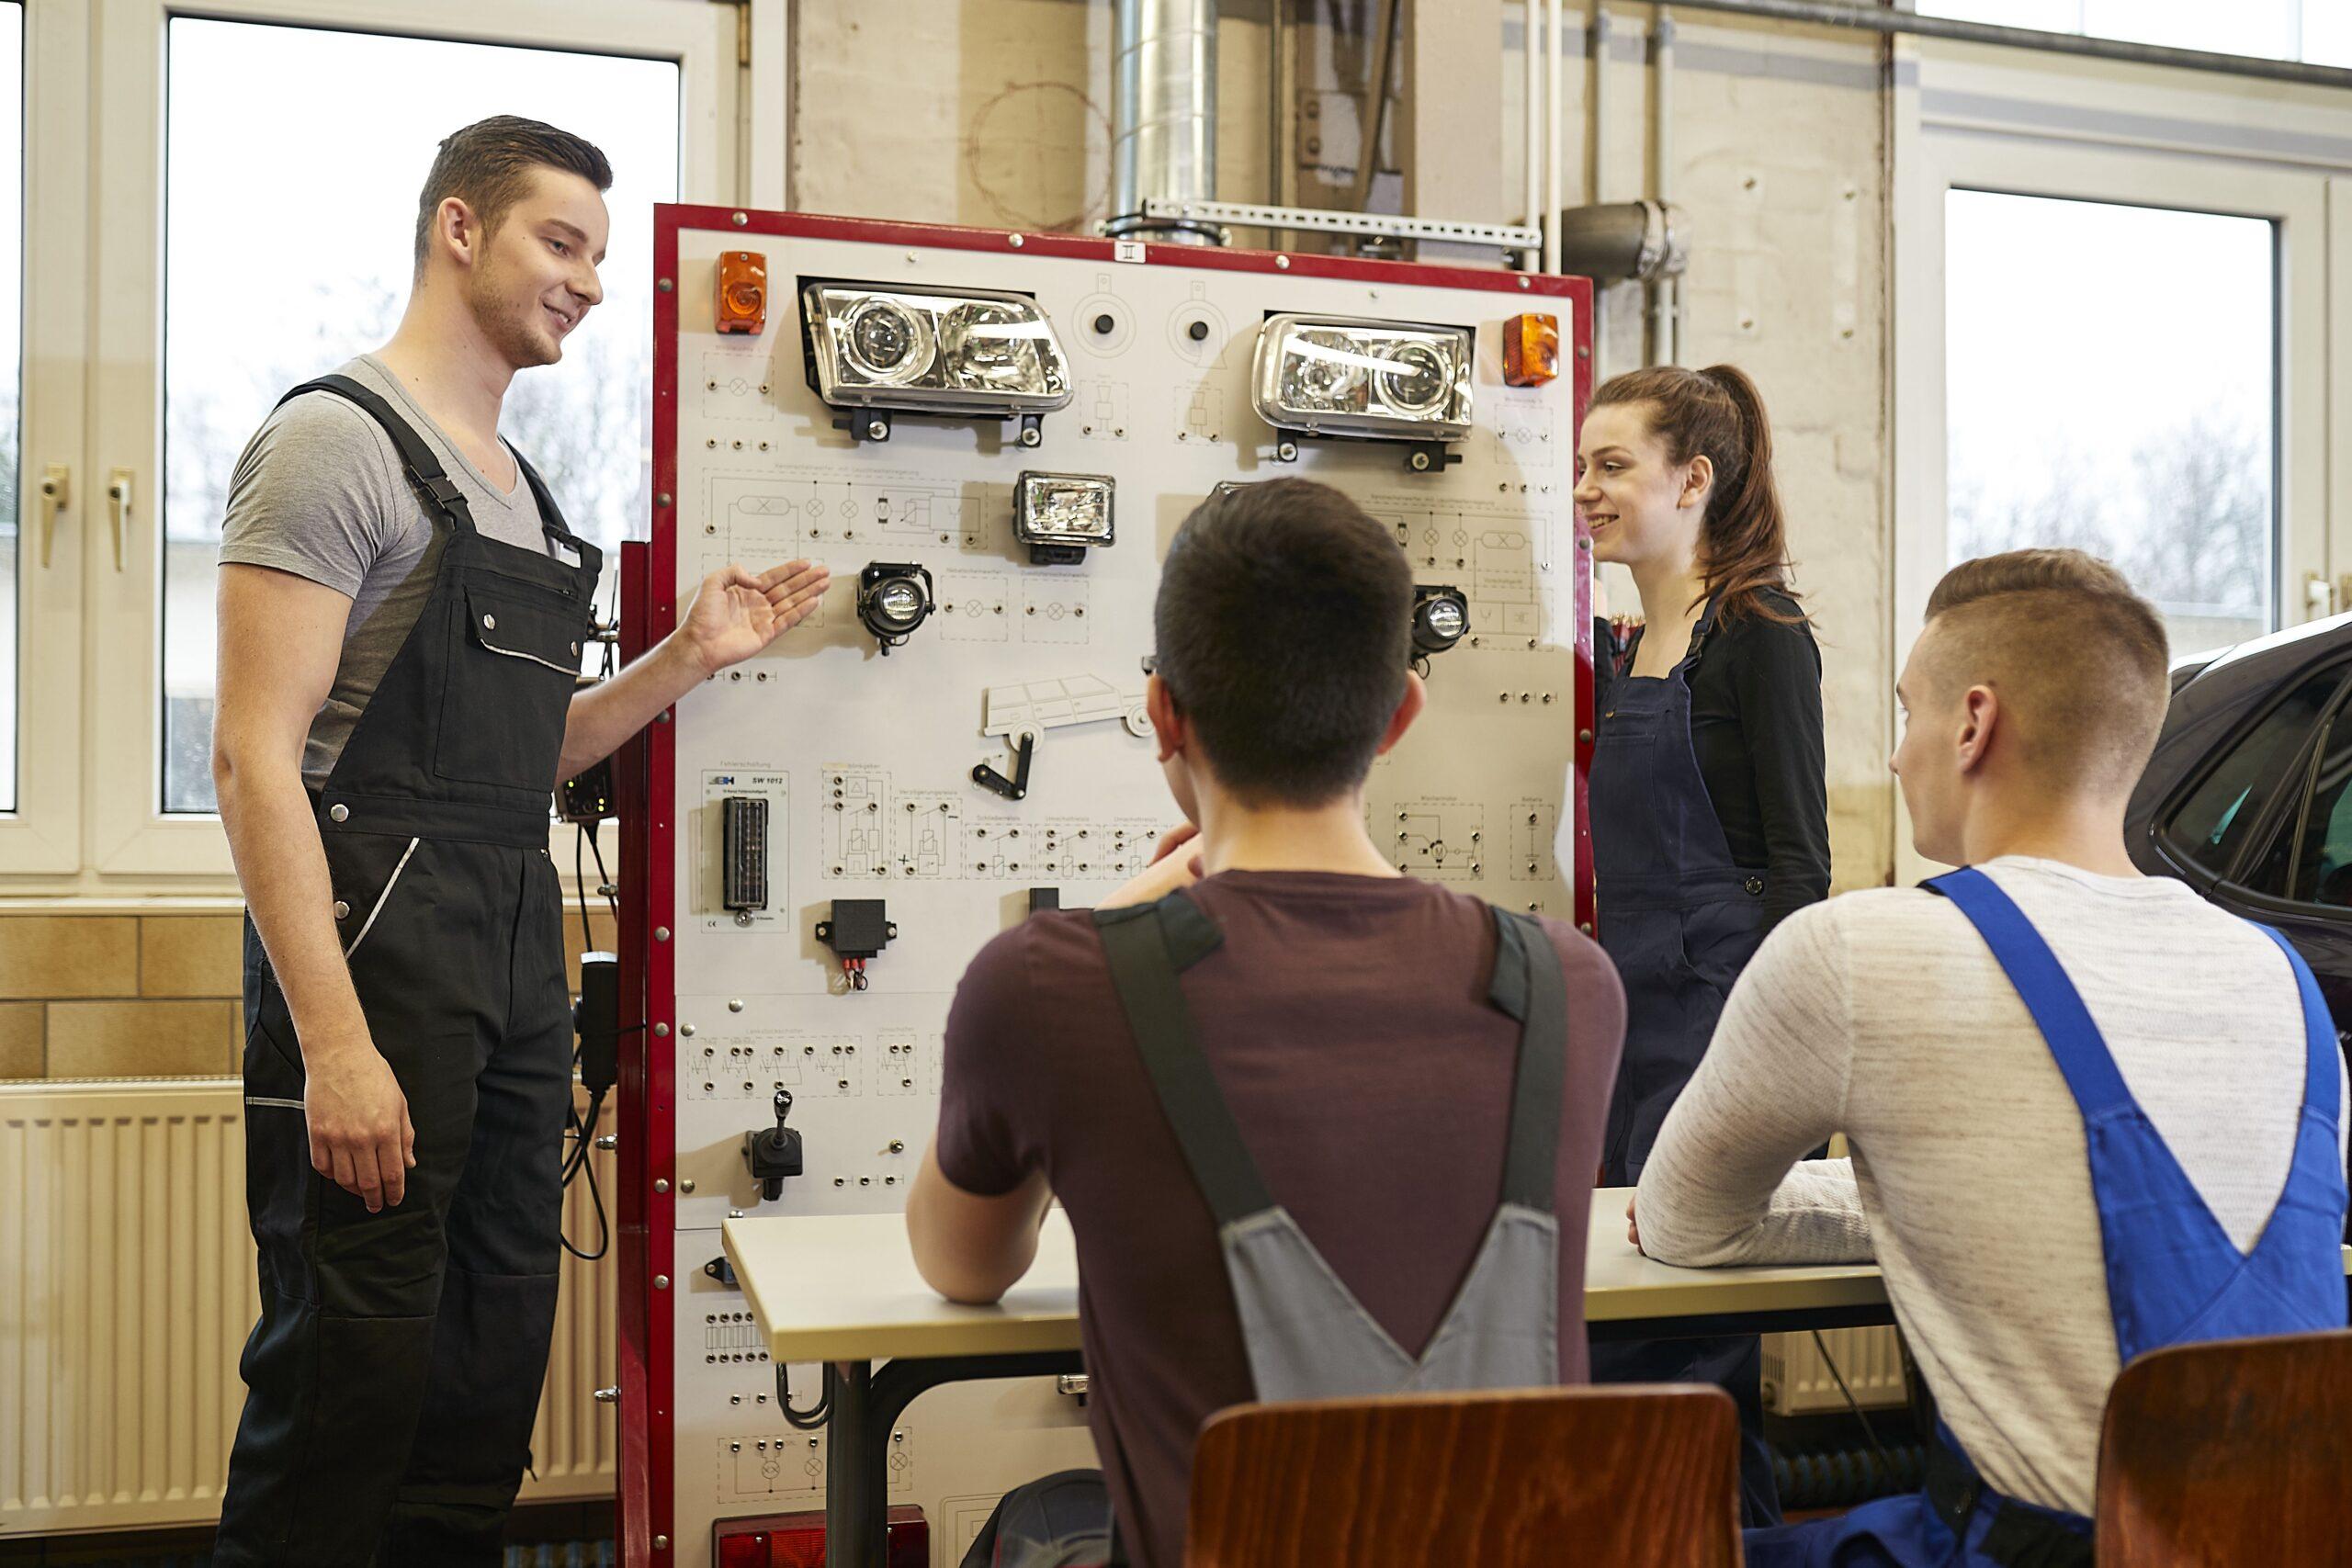 Lernsituation von Auszubildenden in einer KFZ-Werkstatt